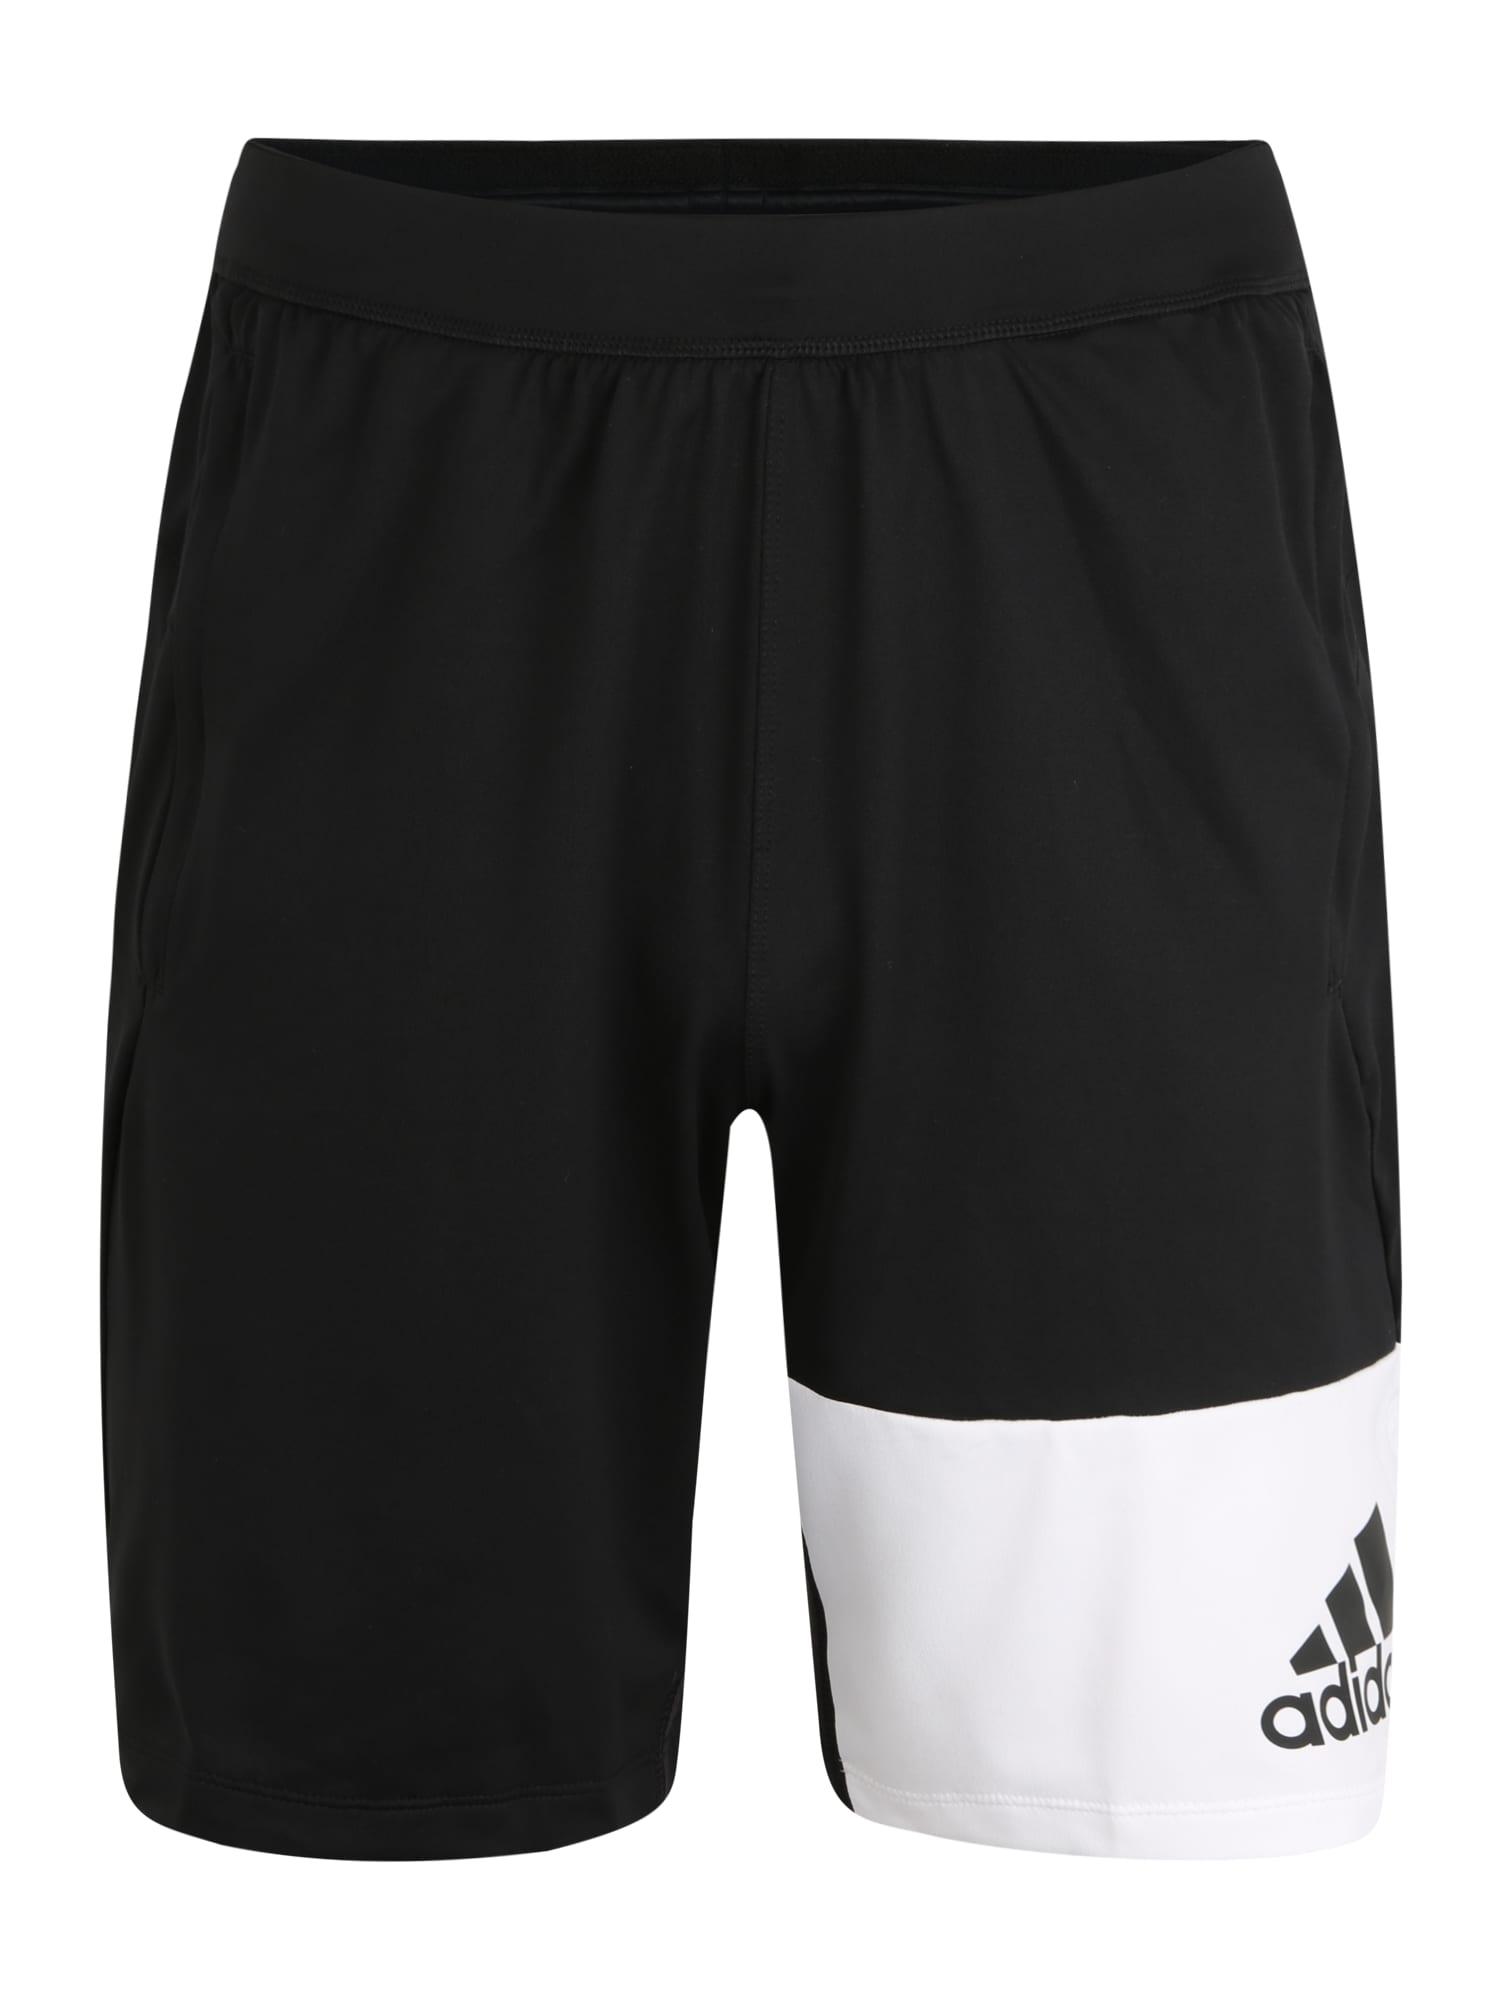 ADIDAS PERFORMANCE Sportinės kelnės '4K GEO SHORTS' balta / juoda